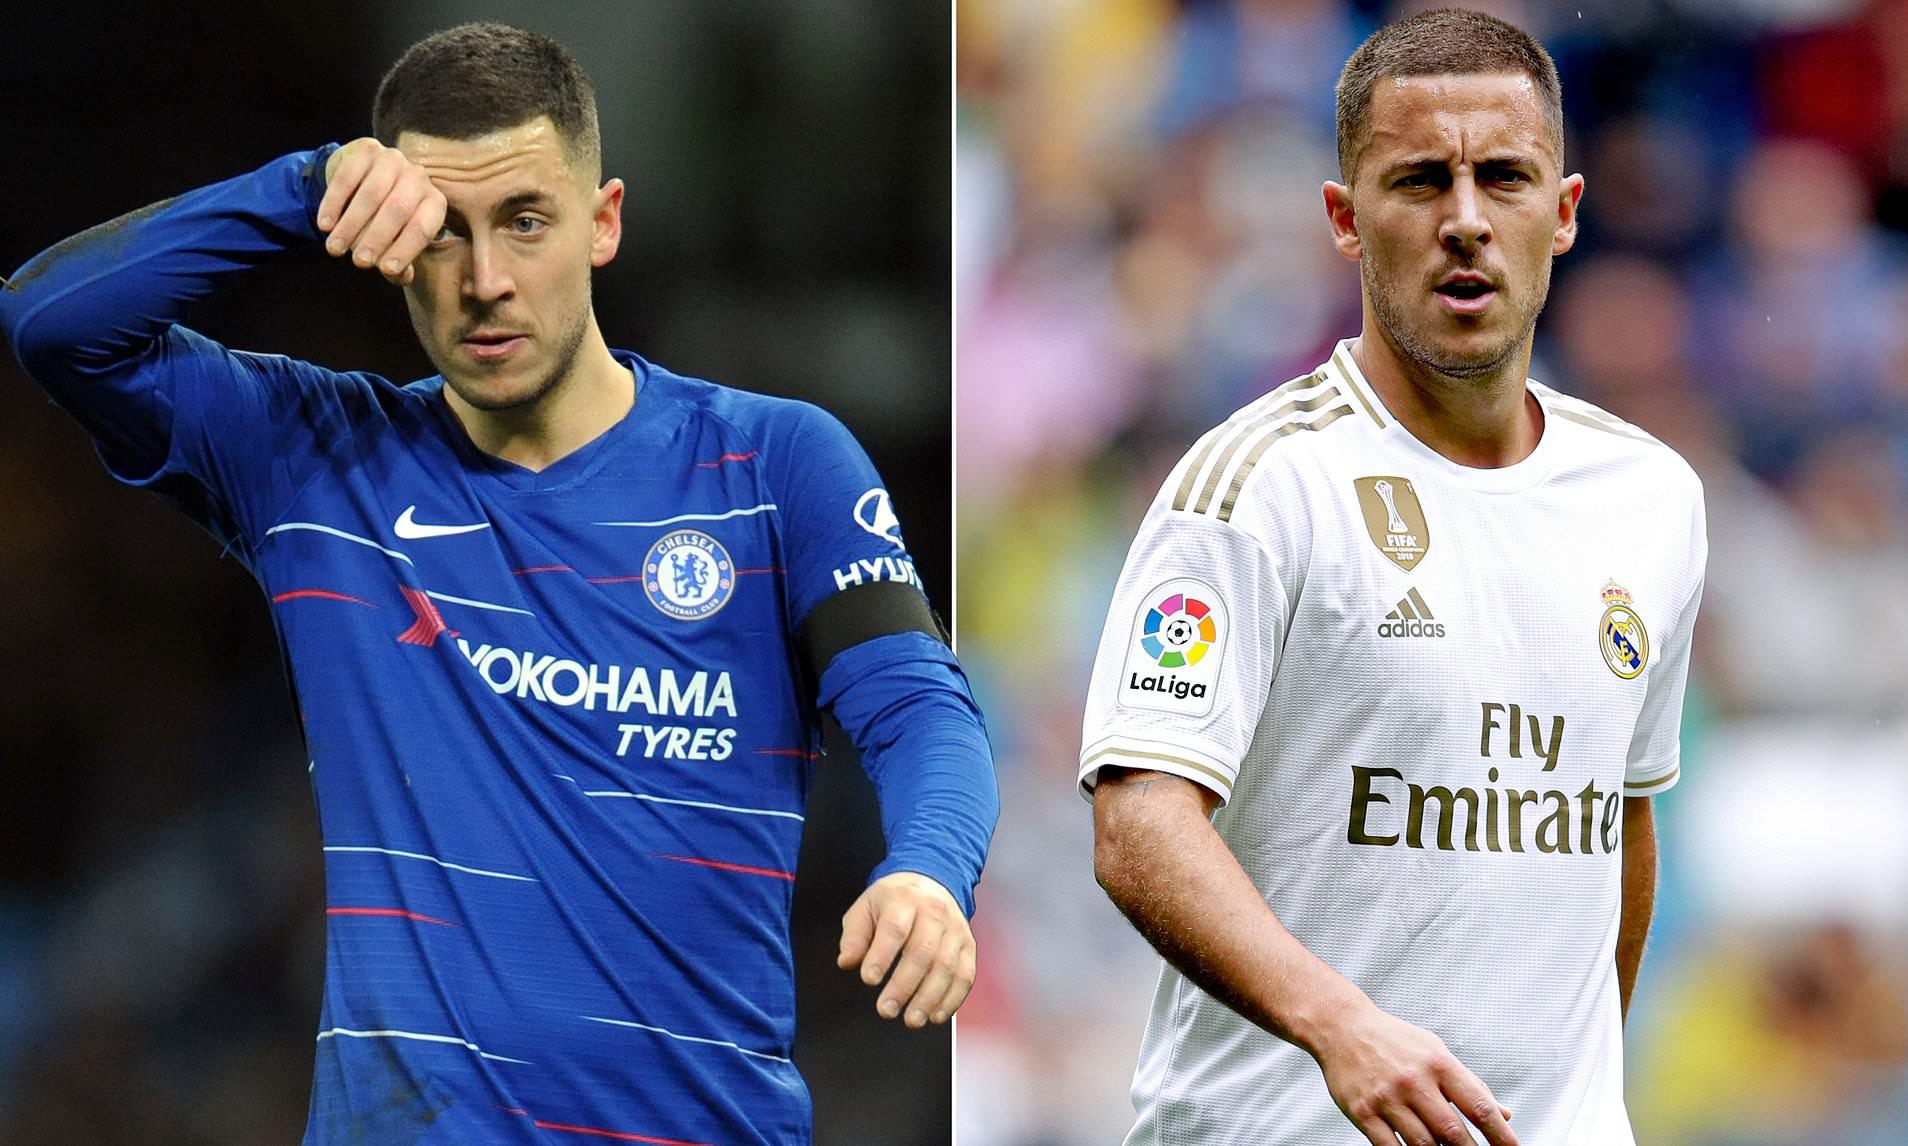 """Hazard sẽ """"tái ngộ"""" đội bóng cũ trong màu áo Real Madrid tại bán kết Champions League 2021"""